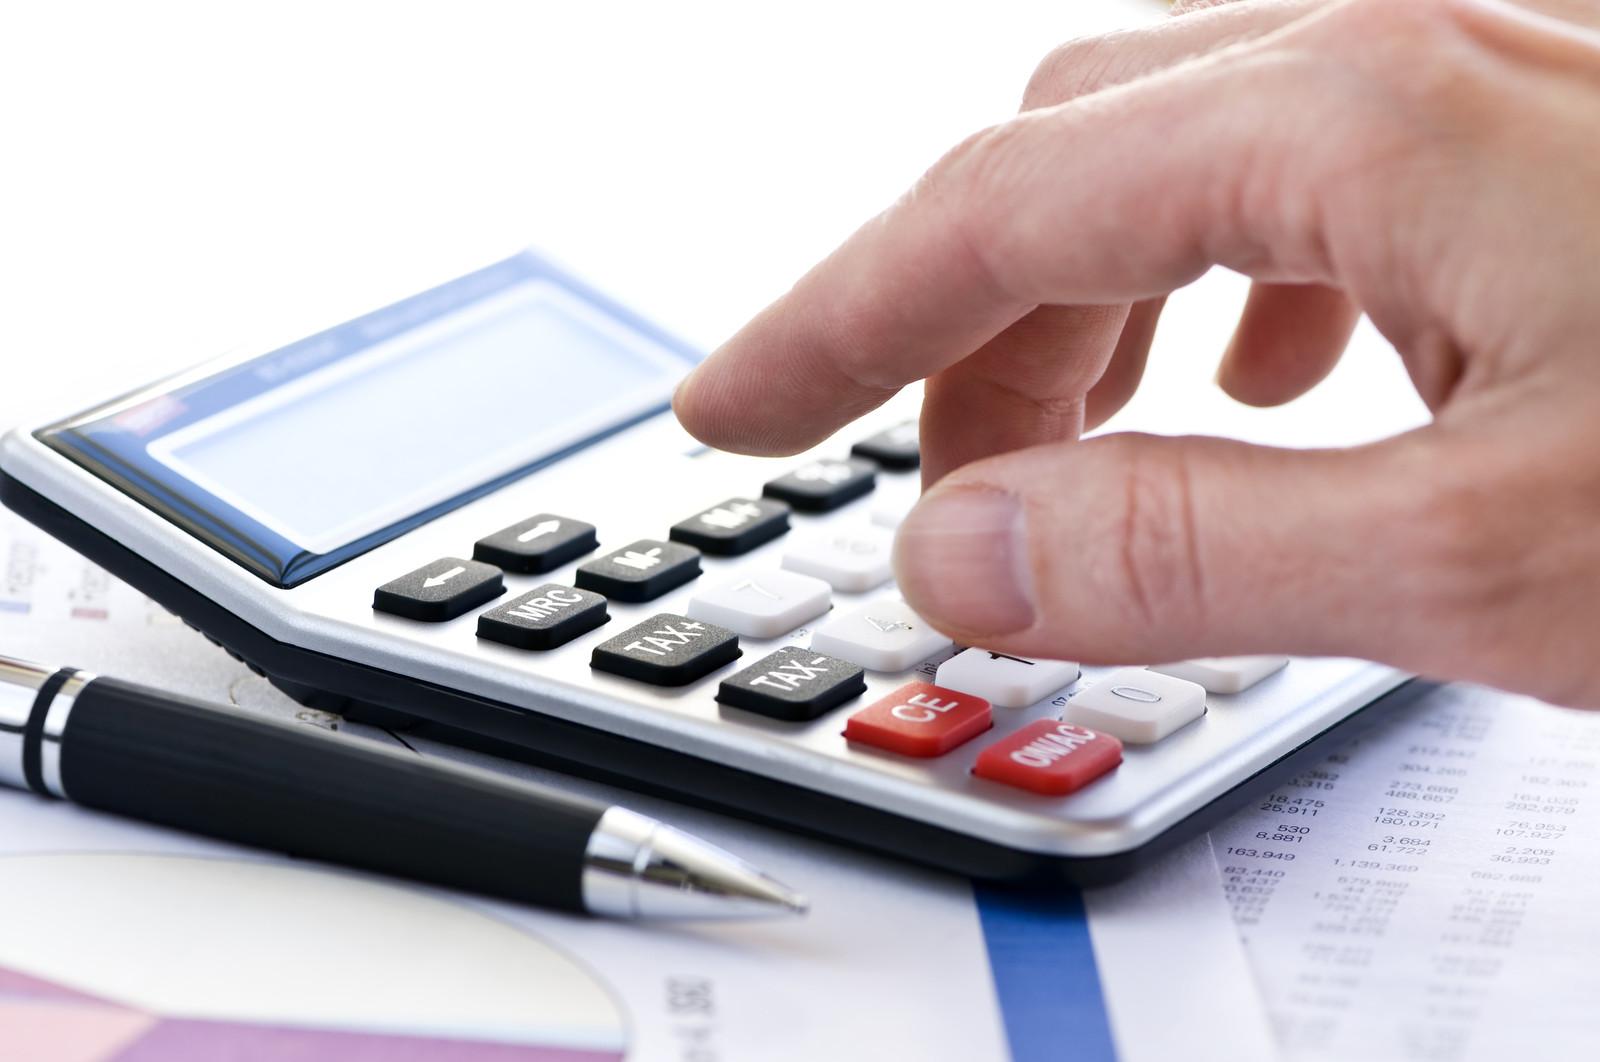 Juridische en financiële hulp Oegstgeest